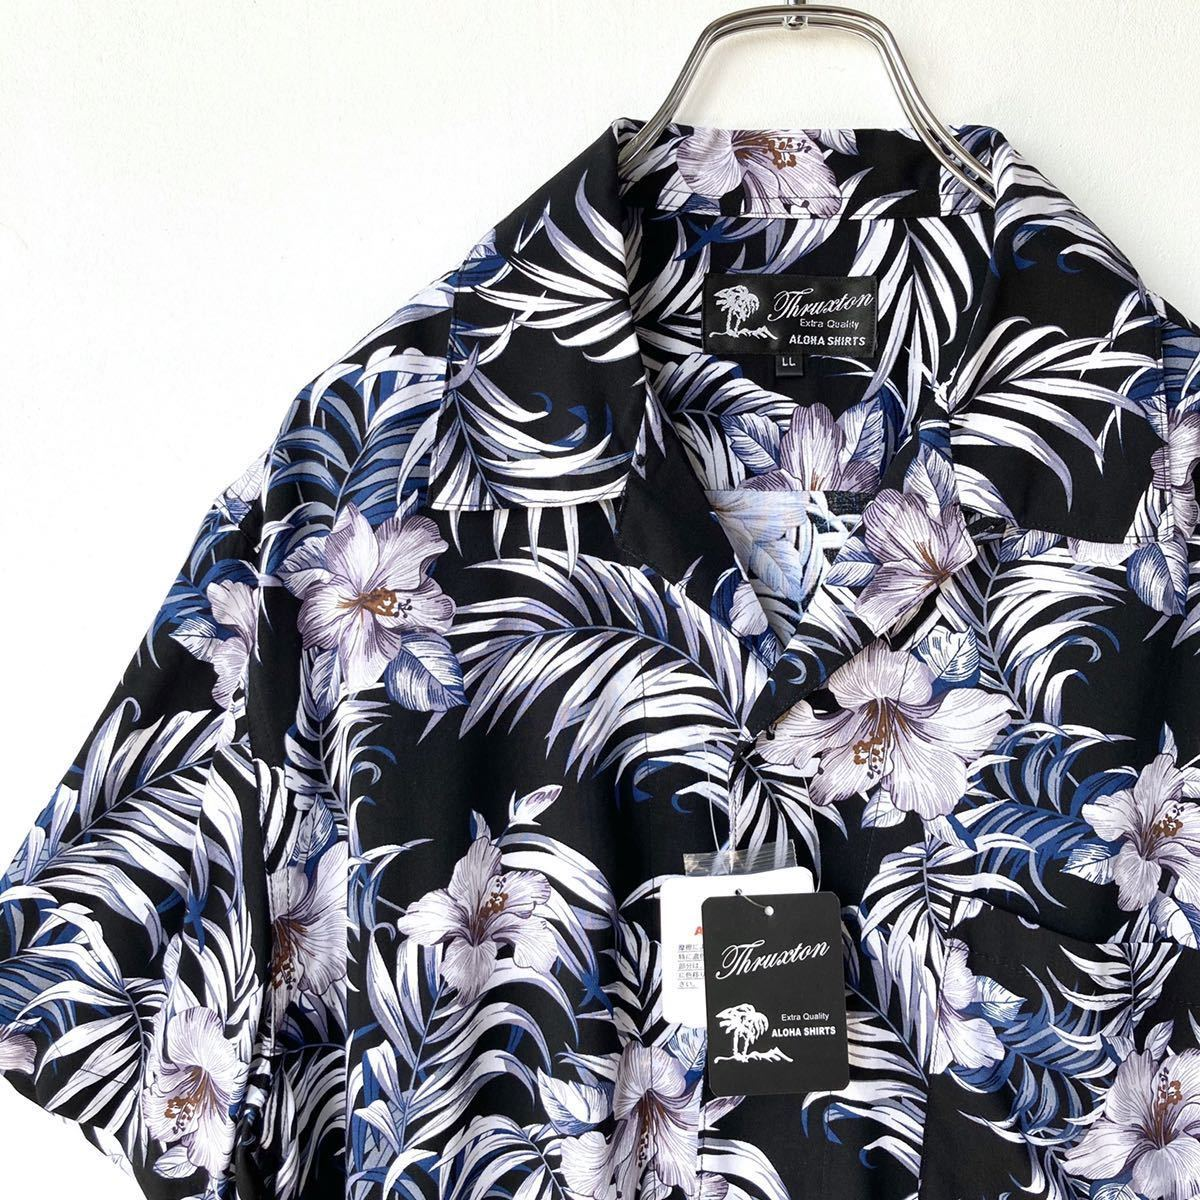 アロハシャツ 90s ビンテージ ハイビスカス ブルー XL ヴィンテージ 80s ハワイ 開襟シャツ ドロップショルダー オープンカラーシャツ 総柄